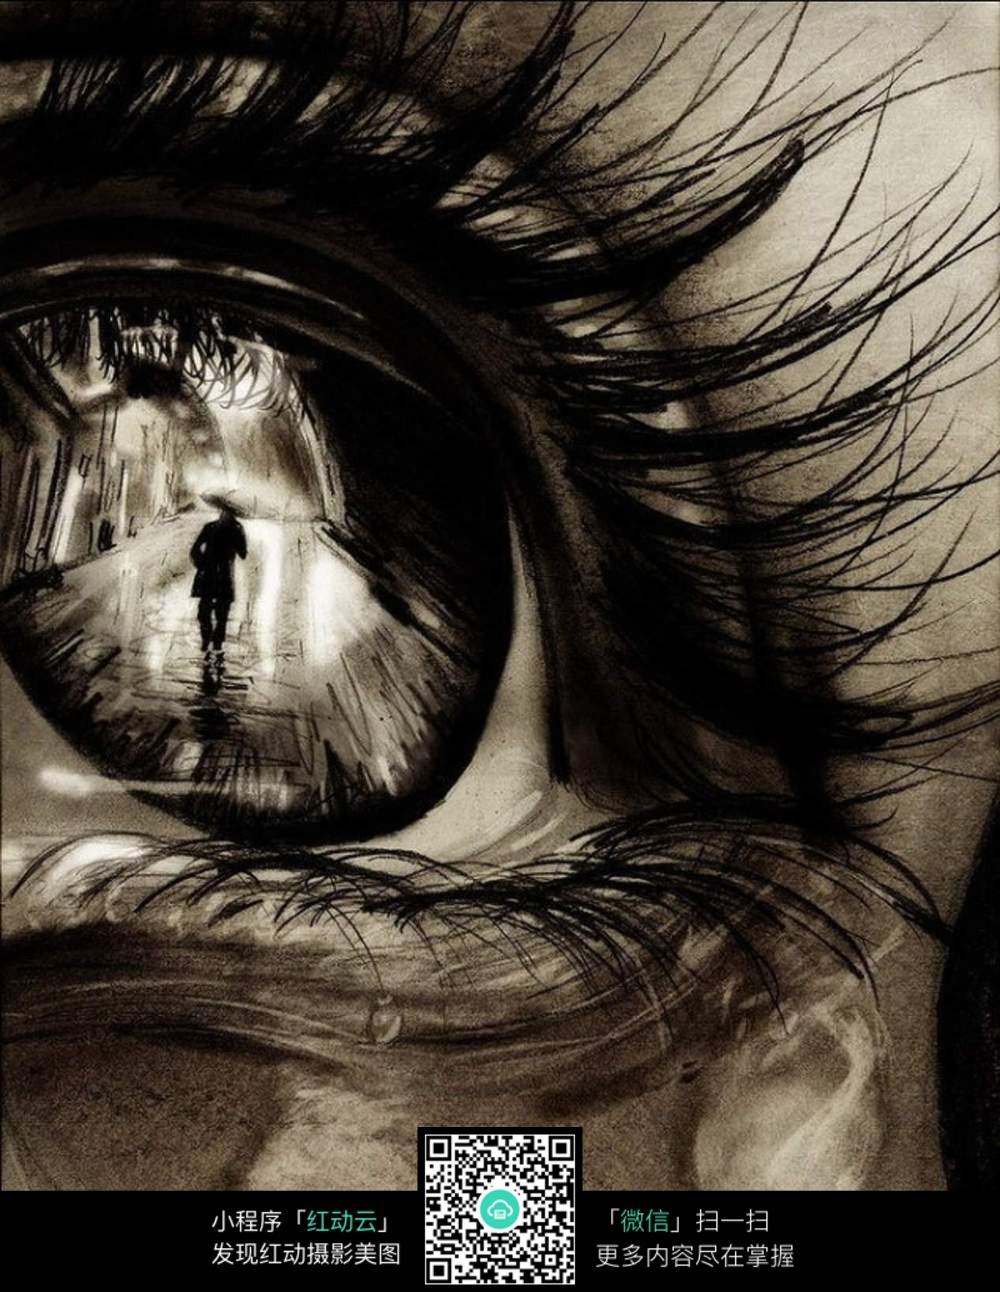 眼睛里的映像创意素描图片图片